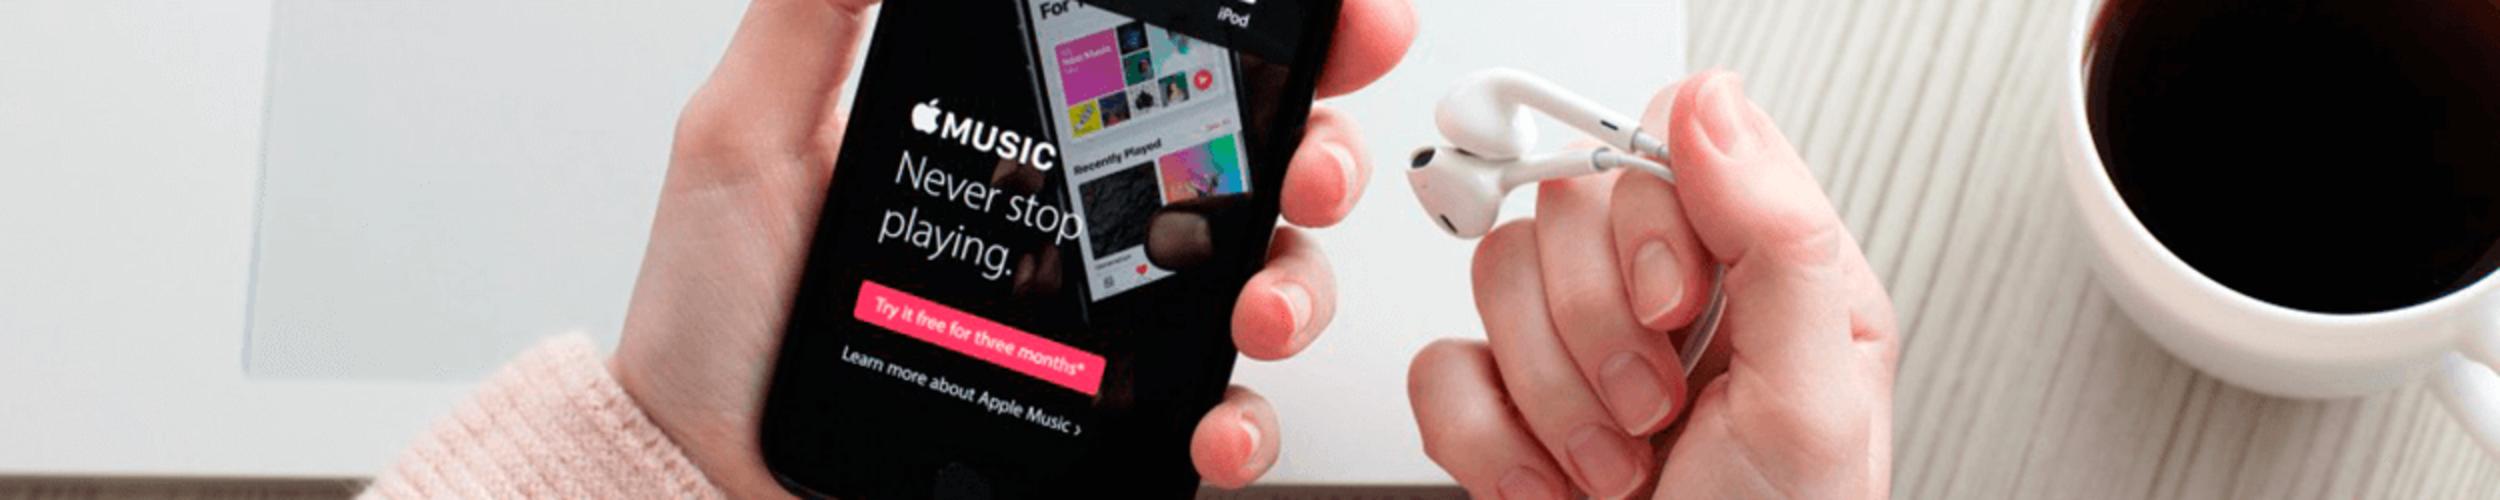 Как поменять звук sms-сообщения на iPhone?